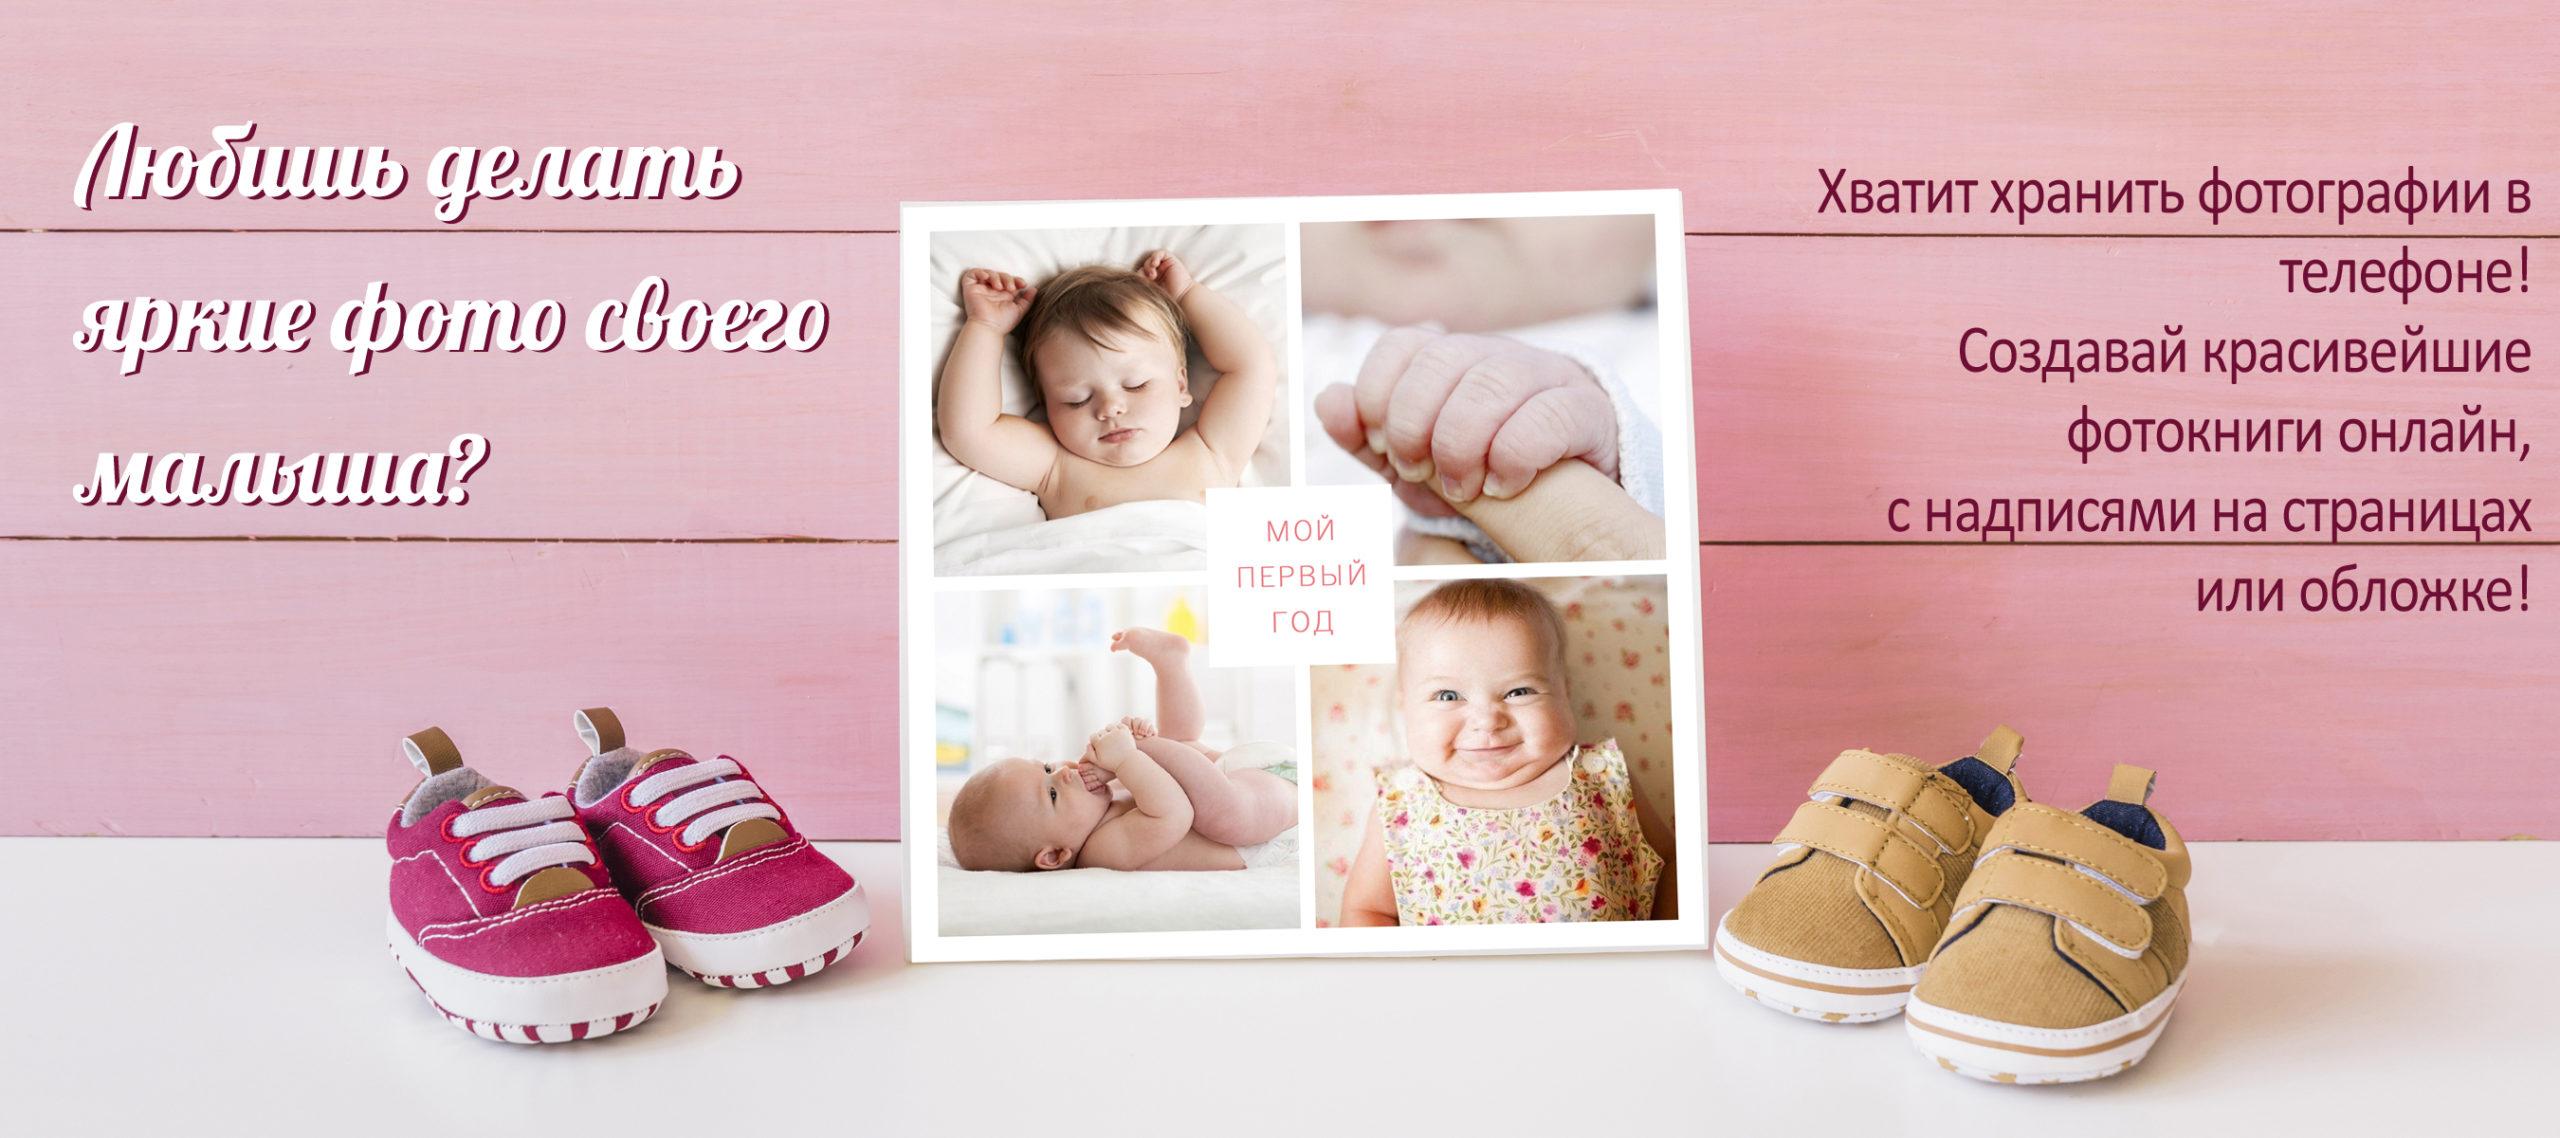 Детская фотокнига - альбом ребенка от рождения до года или совершенно летия! Хватит хранить фотографии на компьютере или телефоне, создавай красивейшие фотокниги, идеальный подарок для родителей, бабушек и дедушек.